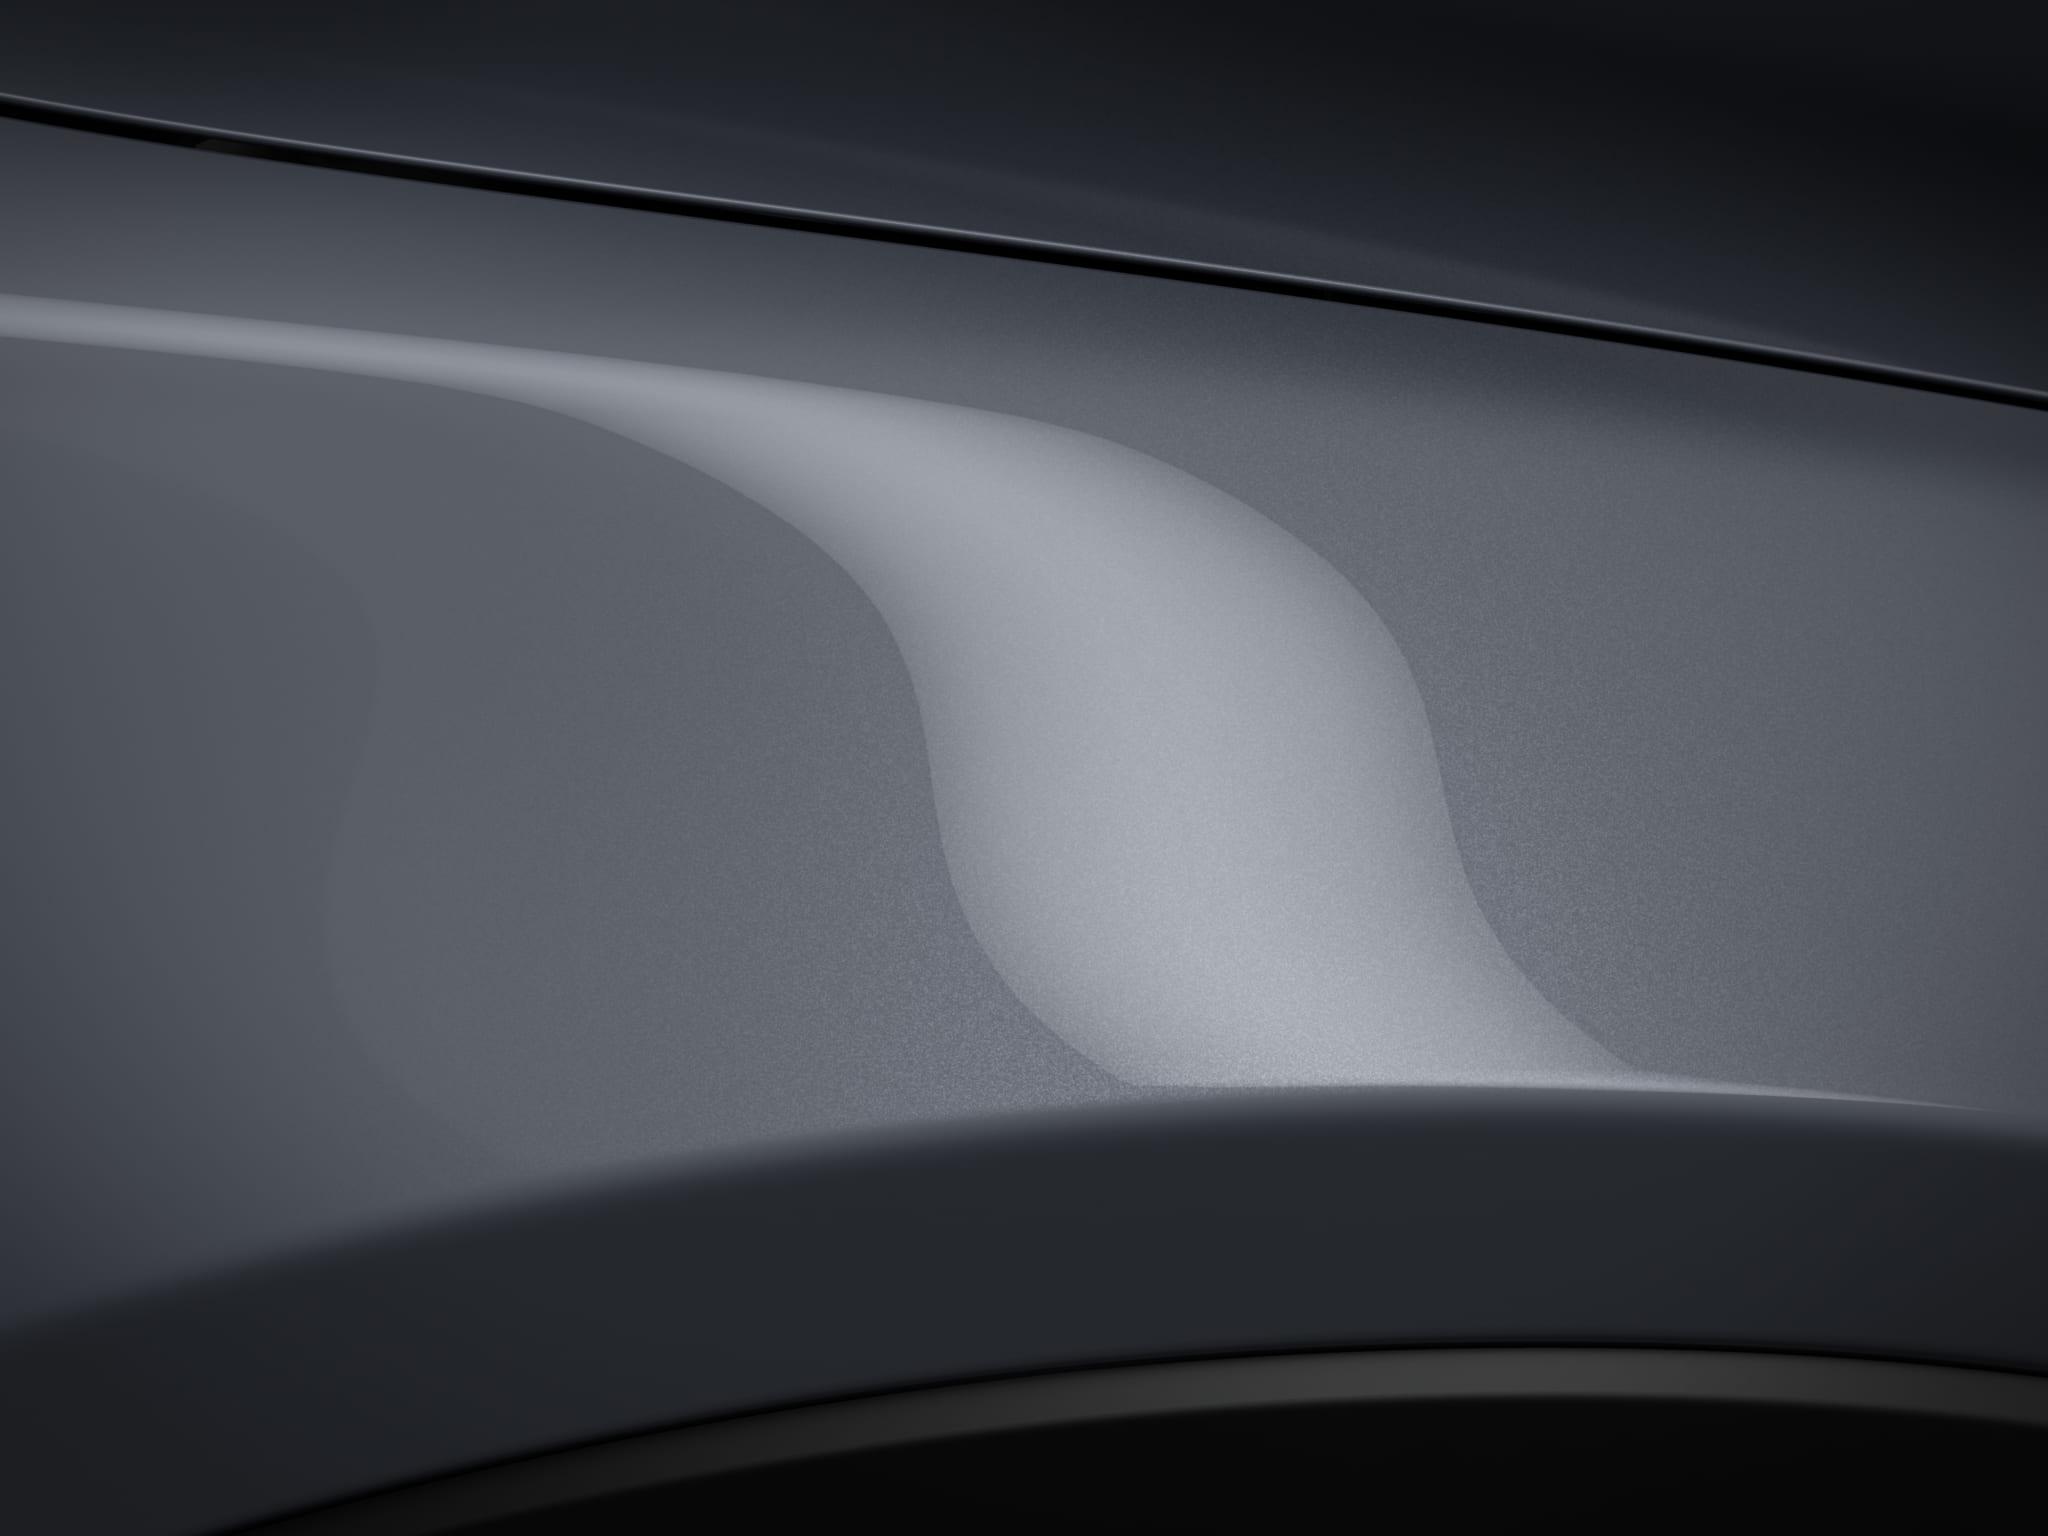 マツダ CX-30 ポリメタルグレーメタリック カラー見本 2019